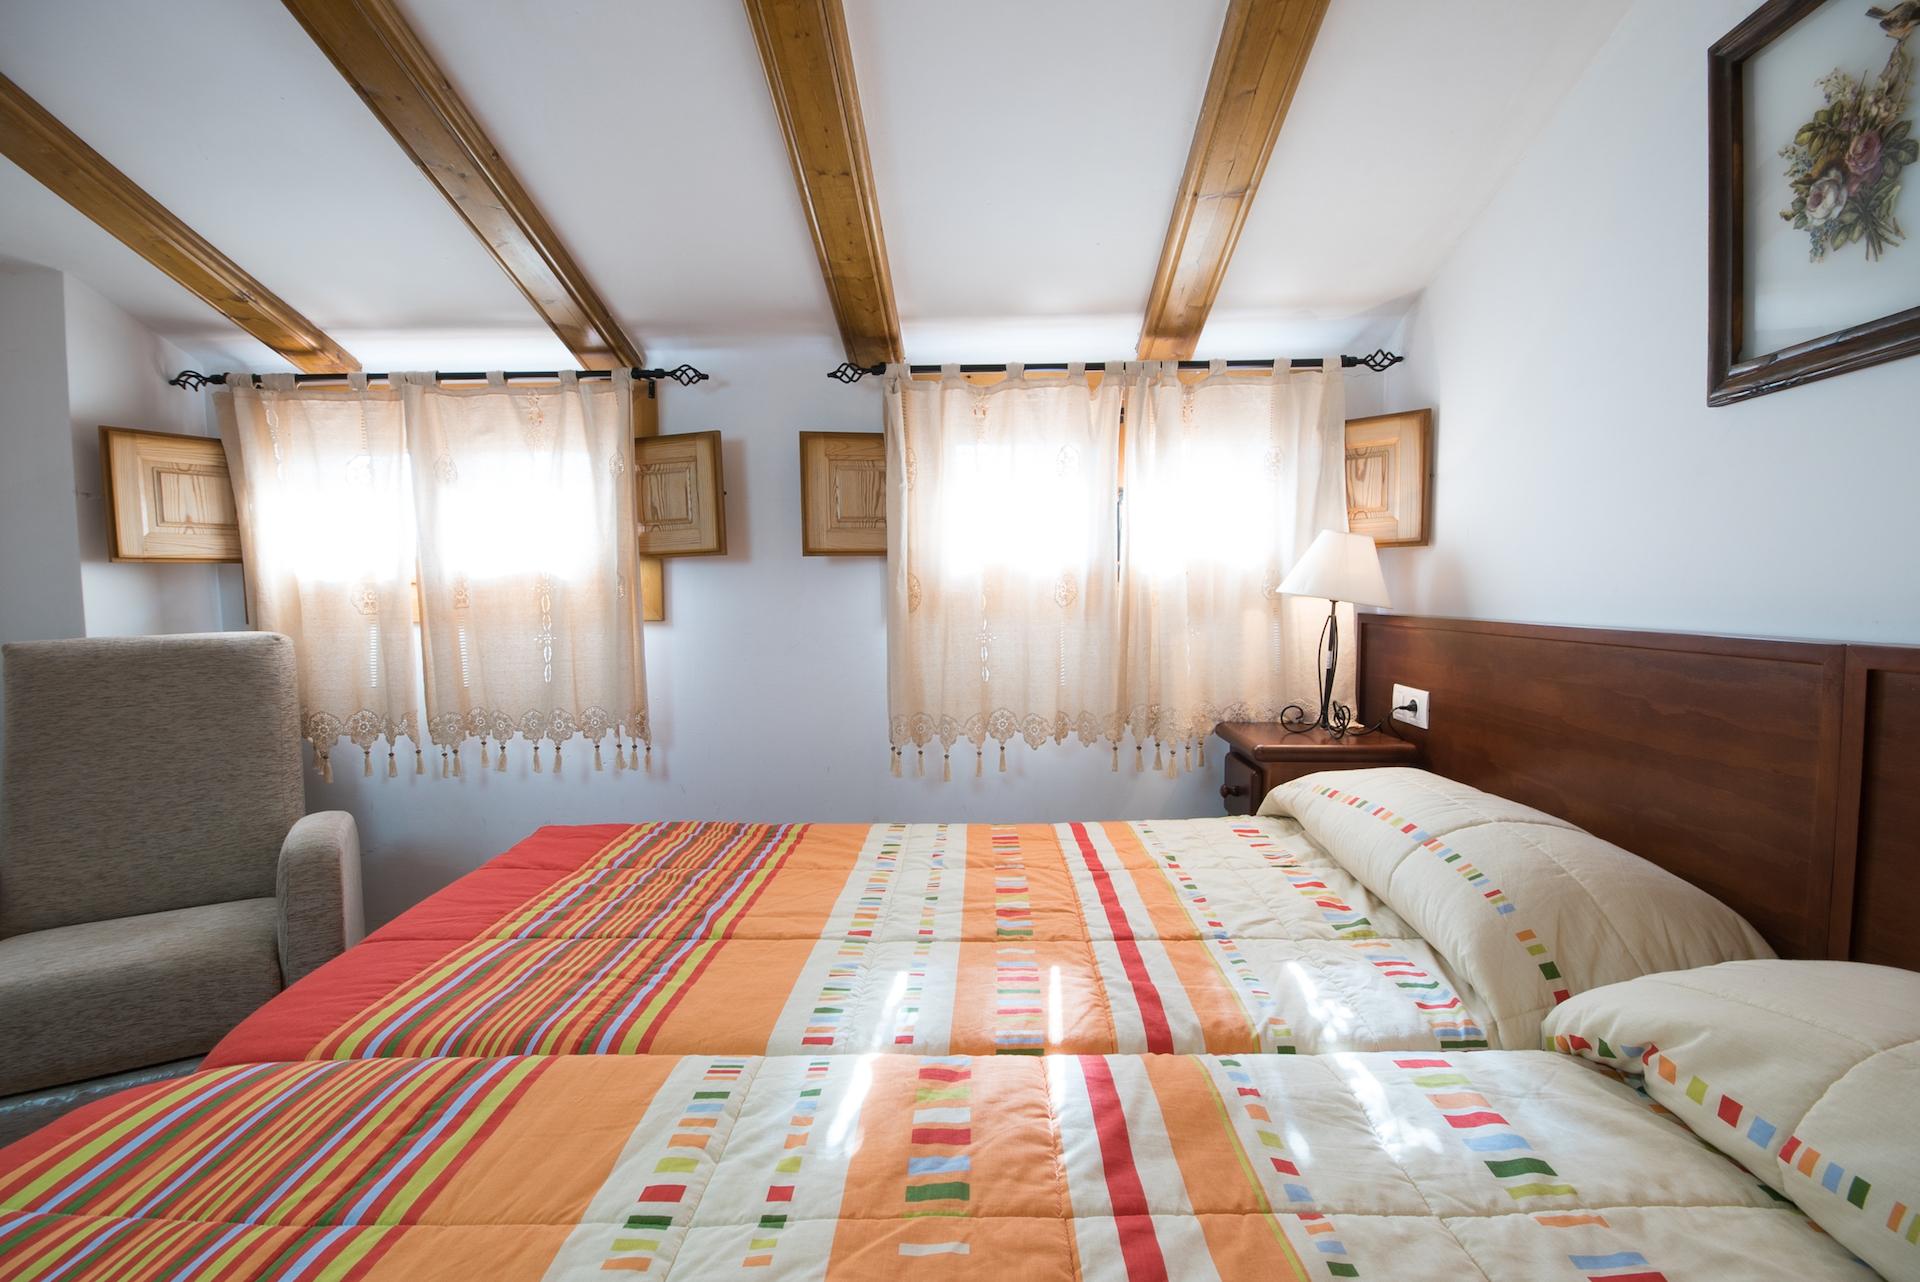 Caudiel - Casa Vista Alegre - Habitación Abuhardillada Doble lateral